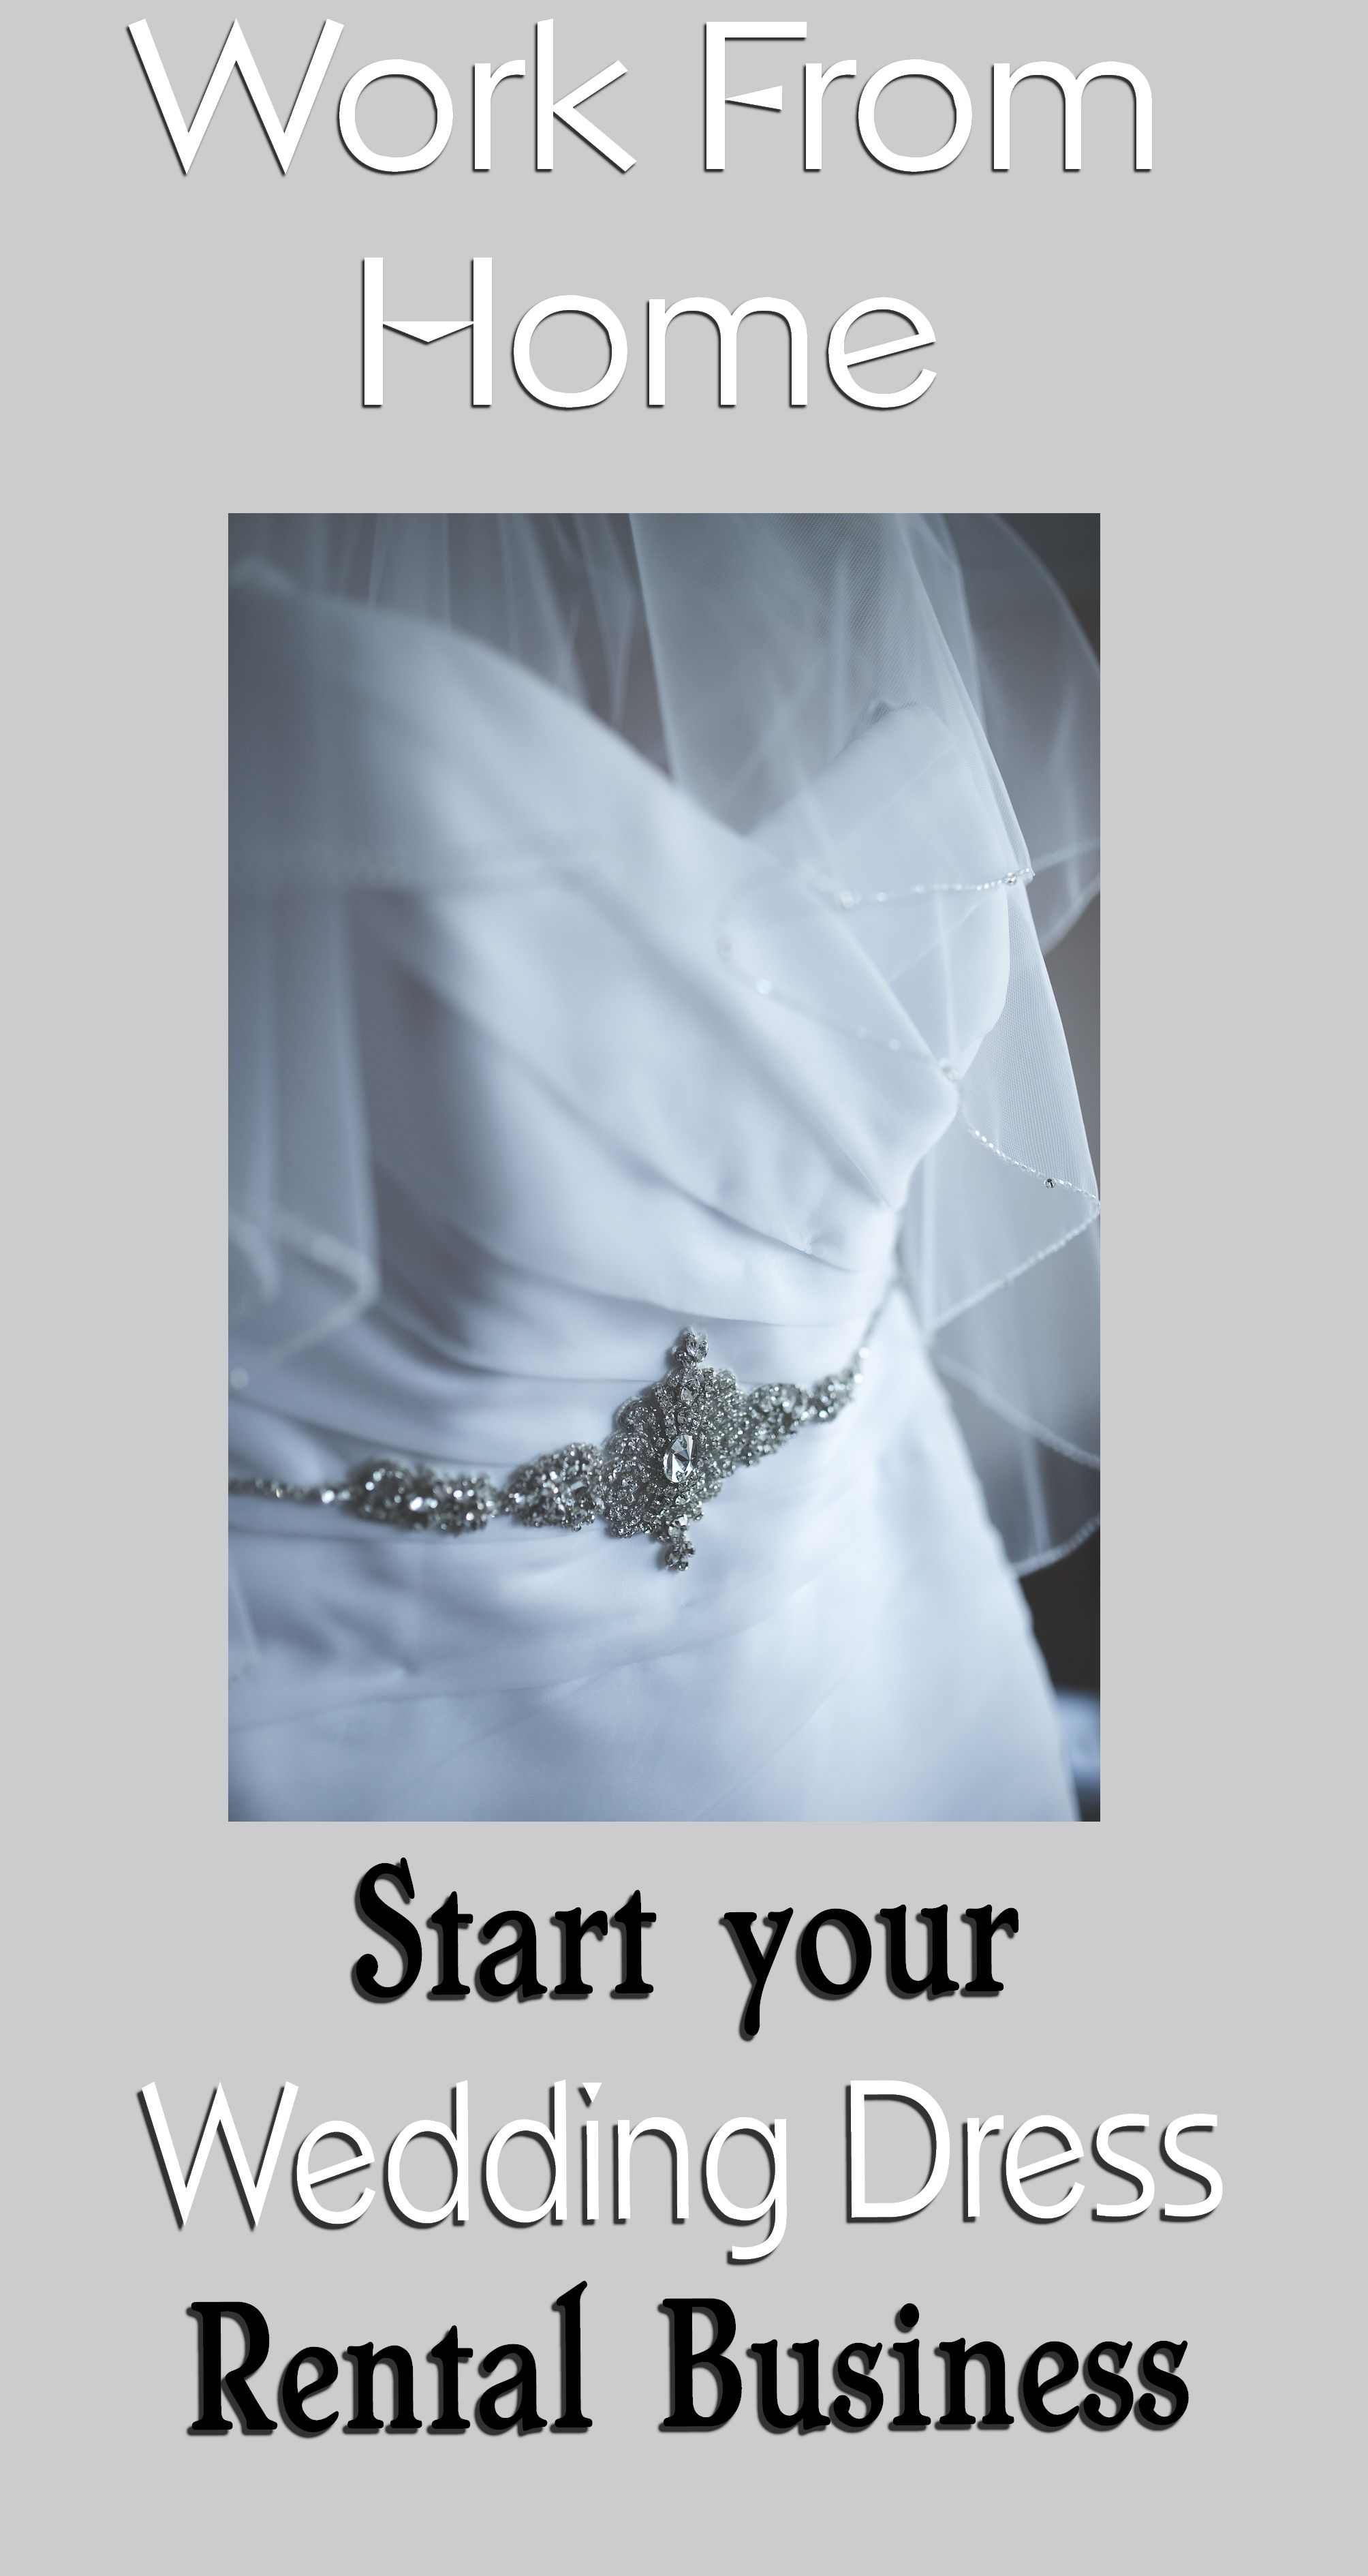 Start Your Wedding Dress Rental Business Rental Wedding Dresses Wedding Gown Rental Wedding Dress Brands